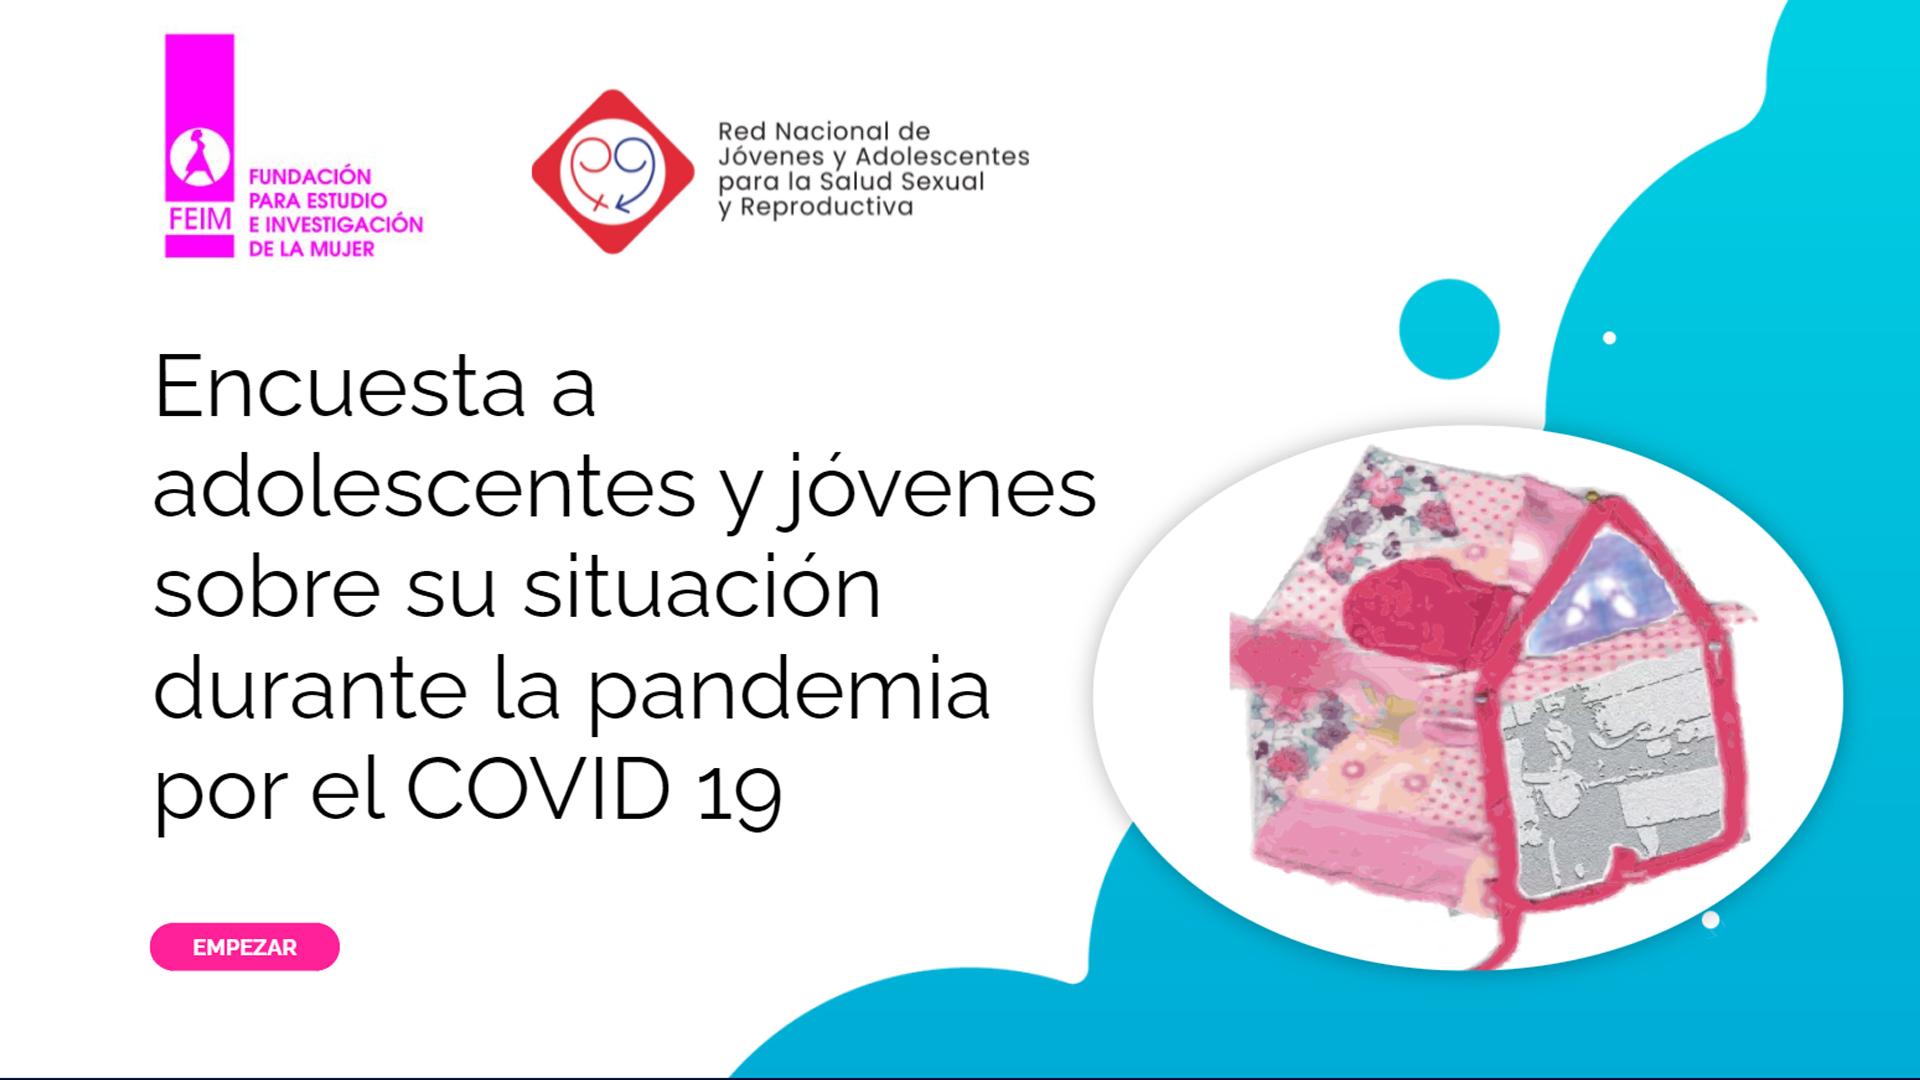 Salud sexual y reproductiva, convivencias y violencia en pandemia: una mirada adolescente